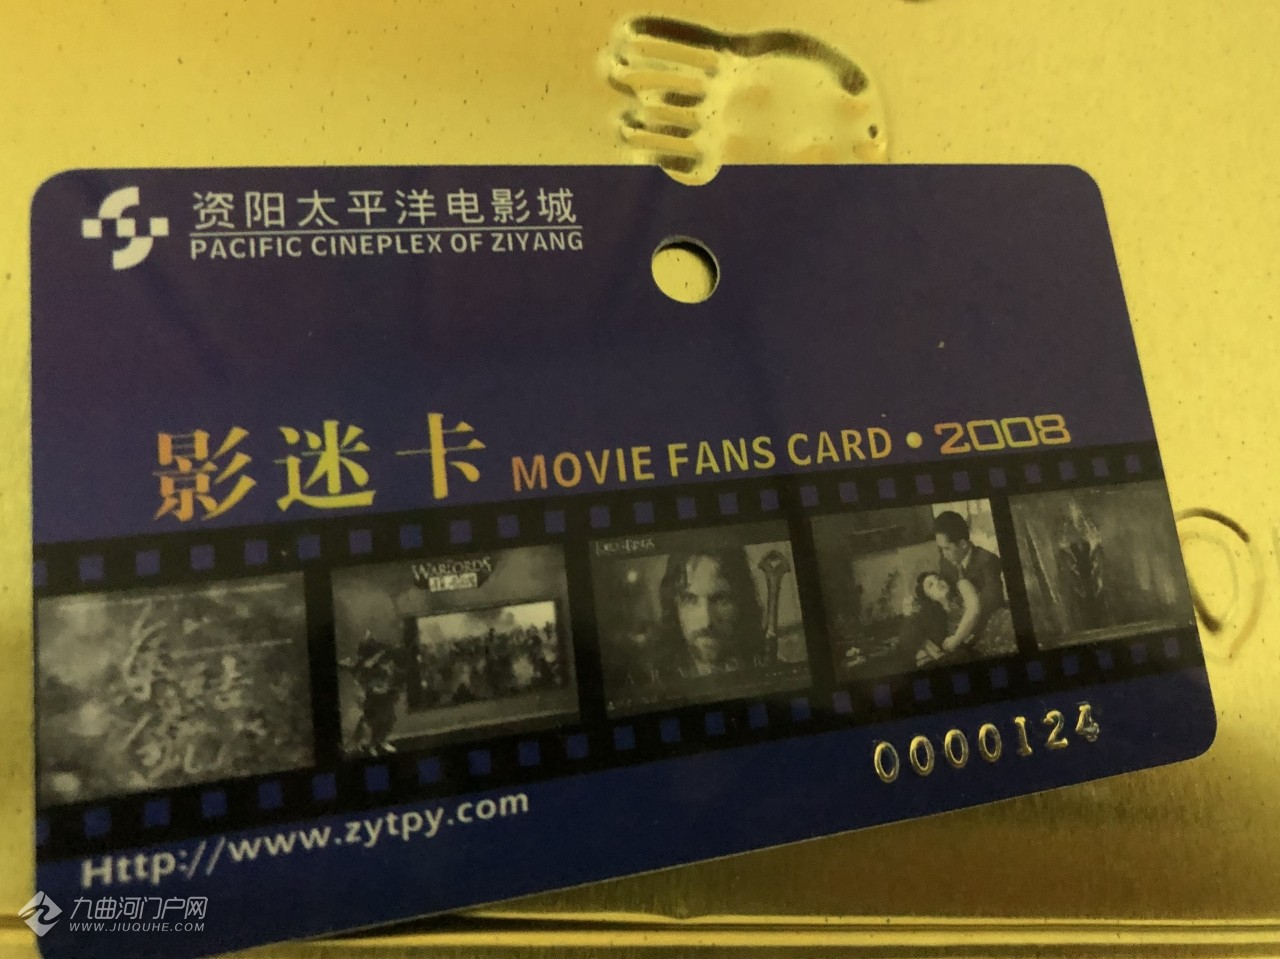 今天在家找到了一张电影卡,勾起了很多在资阳看电影的美好回忆!